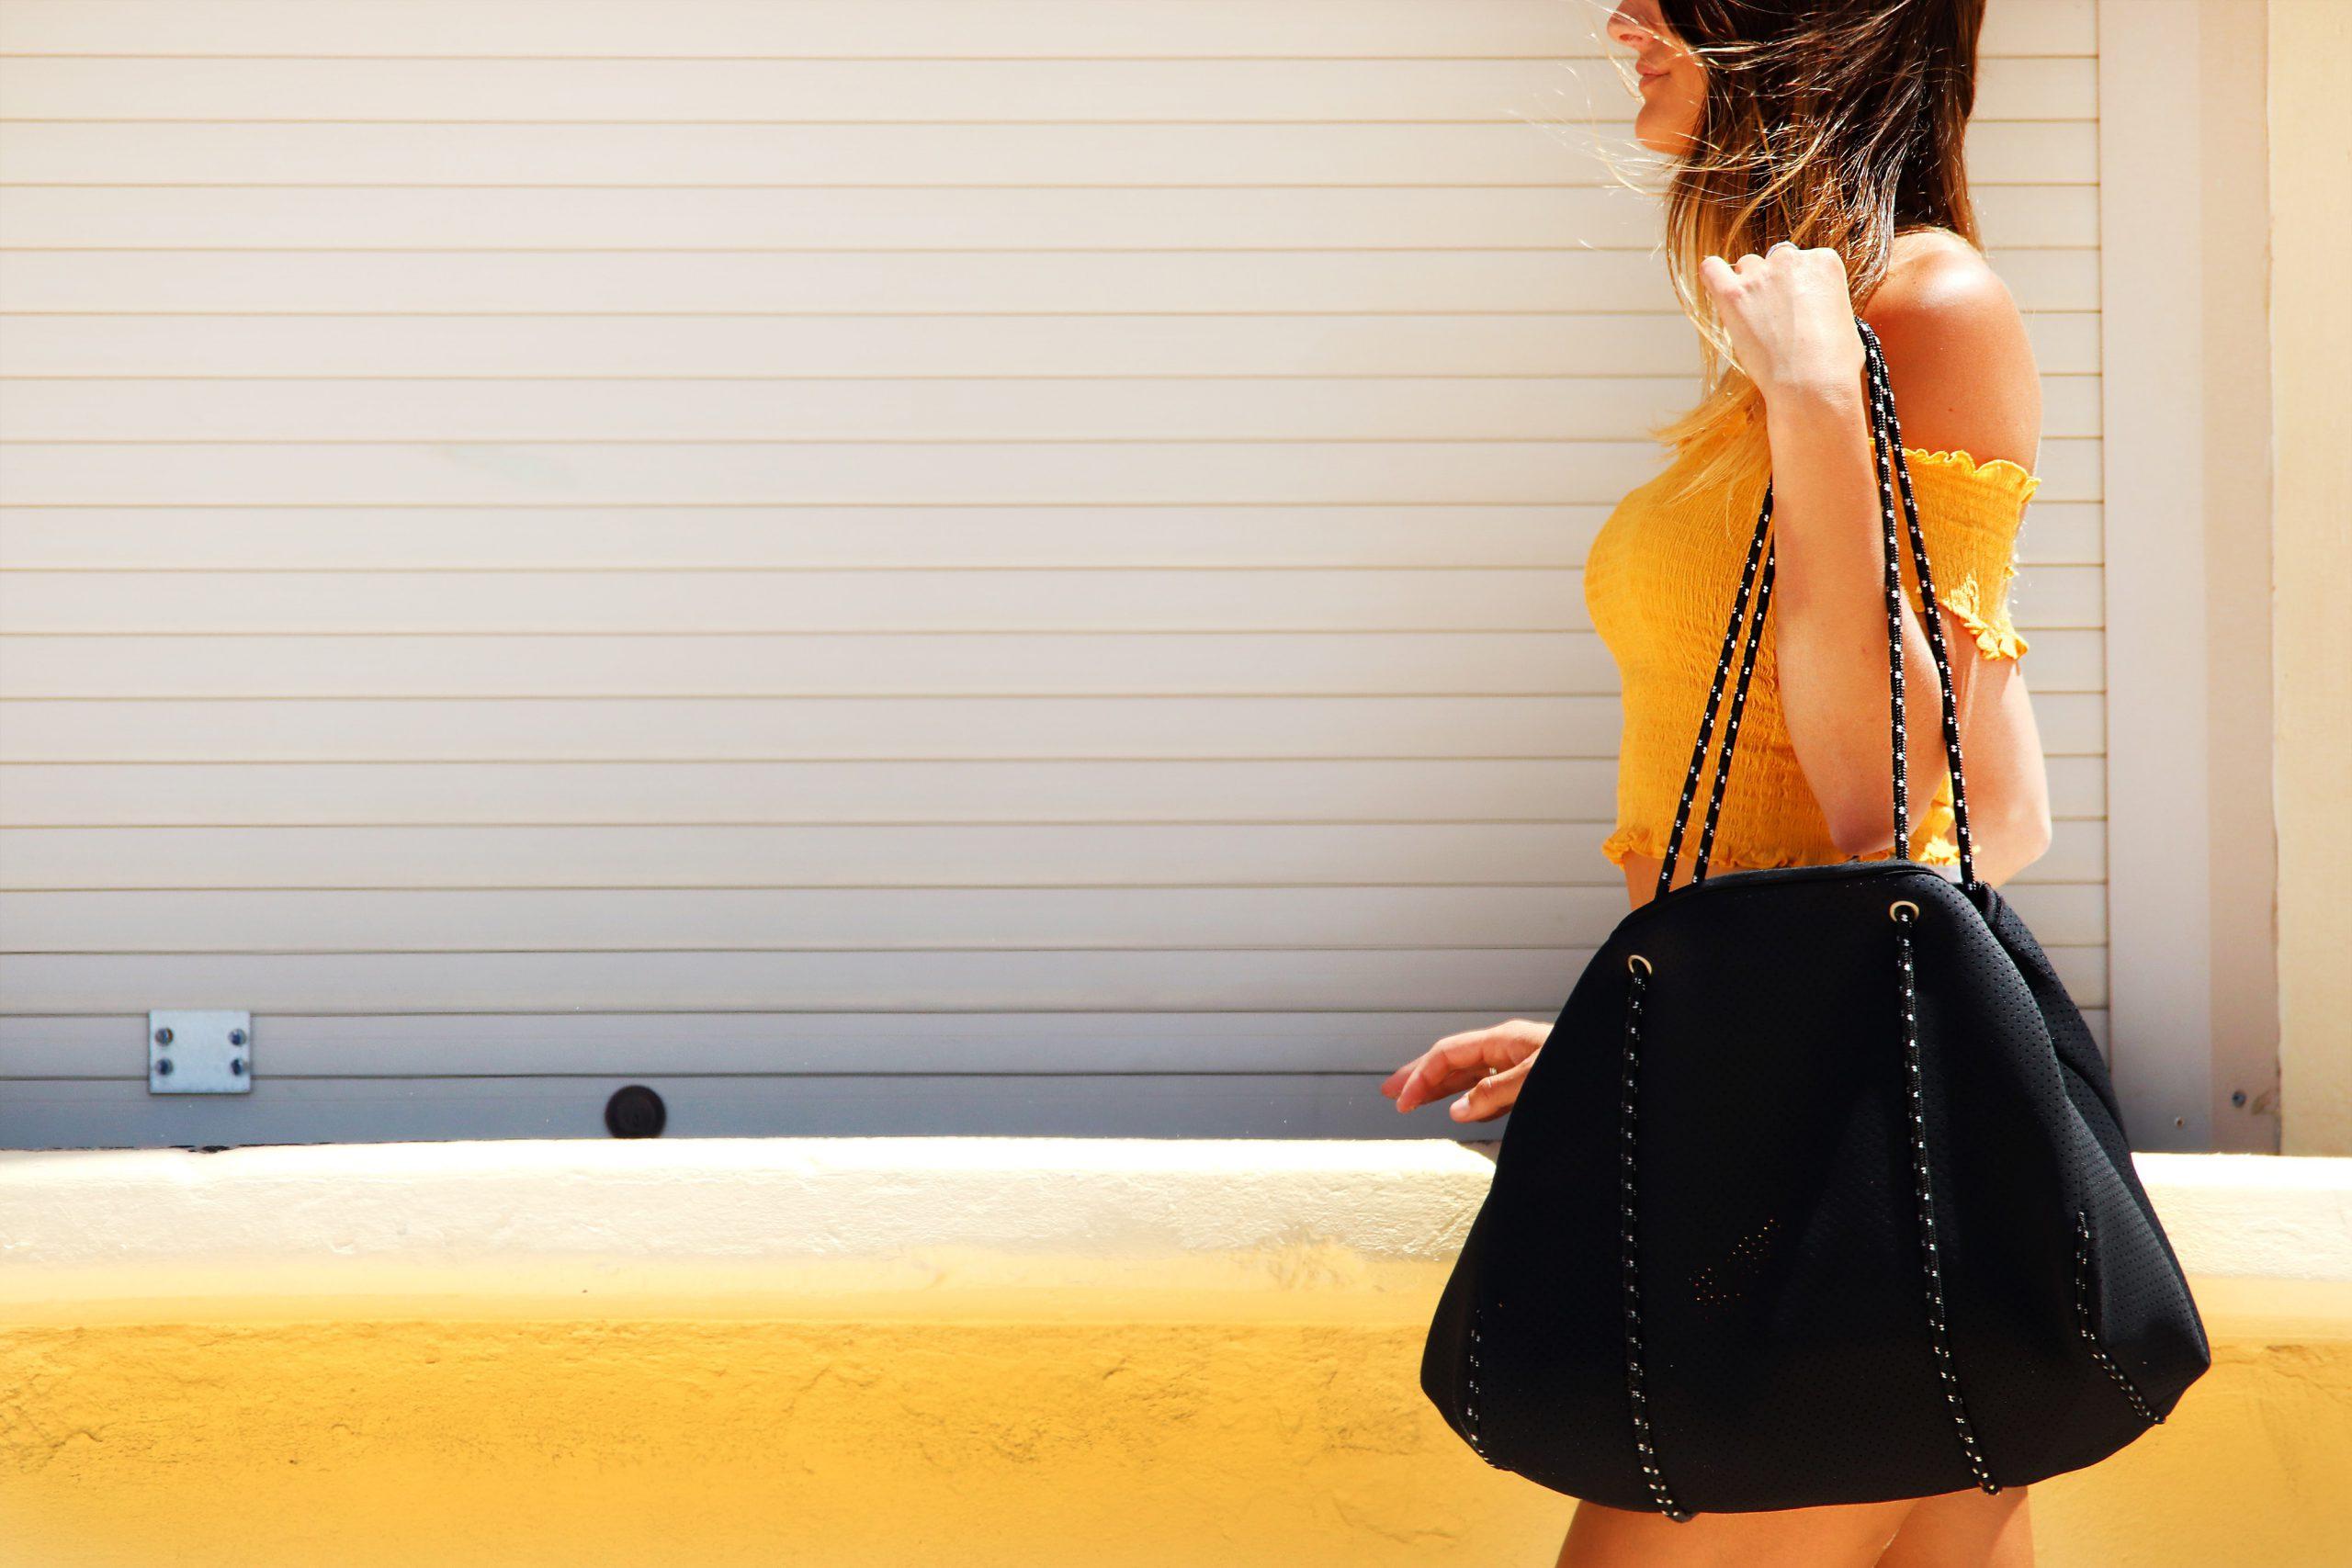 Podpowiadamy, jak obronić się przed kradzieżą damskiej torebki